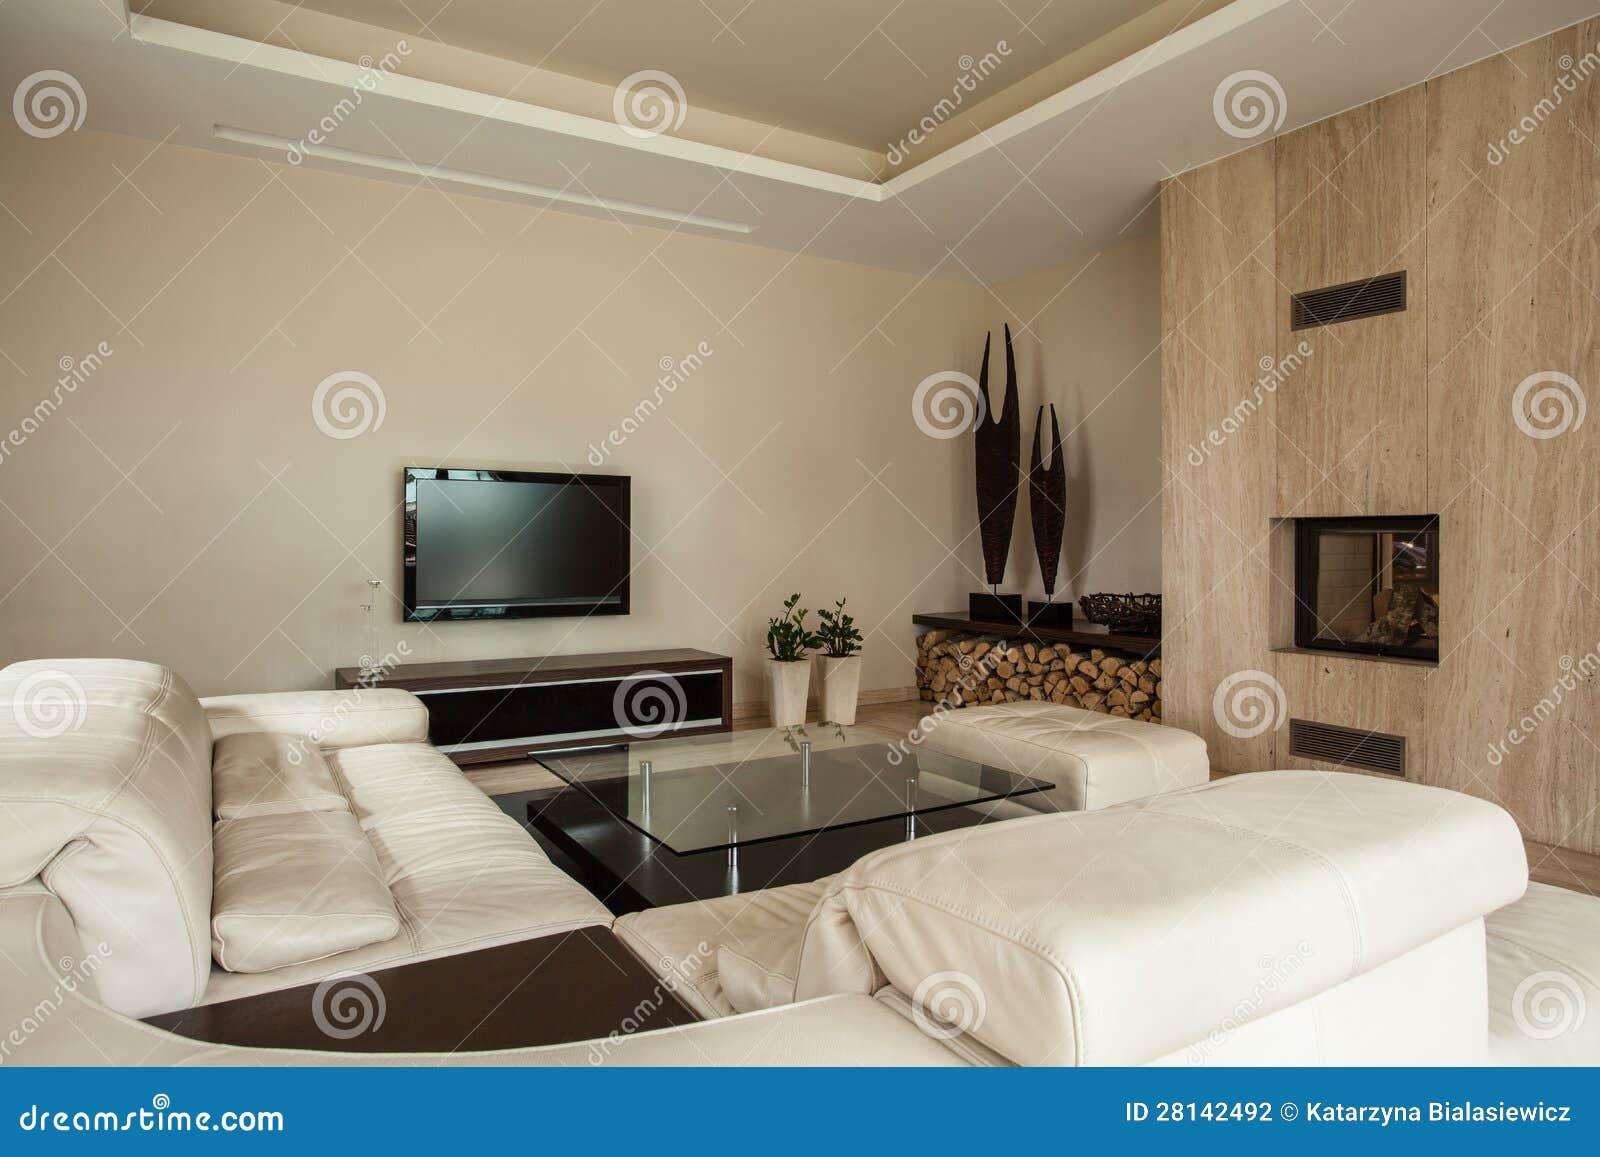 Het huis van de travertijn open haard in woonkamer stock fotografie afbeelding 28142492 for Huis open haard mantel